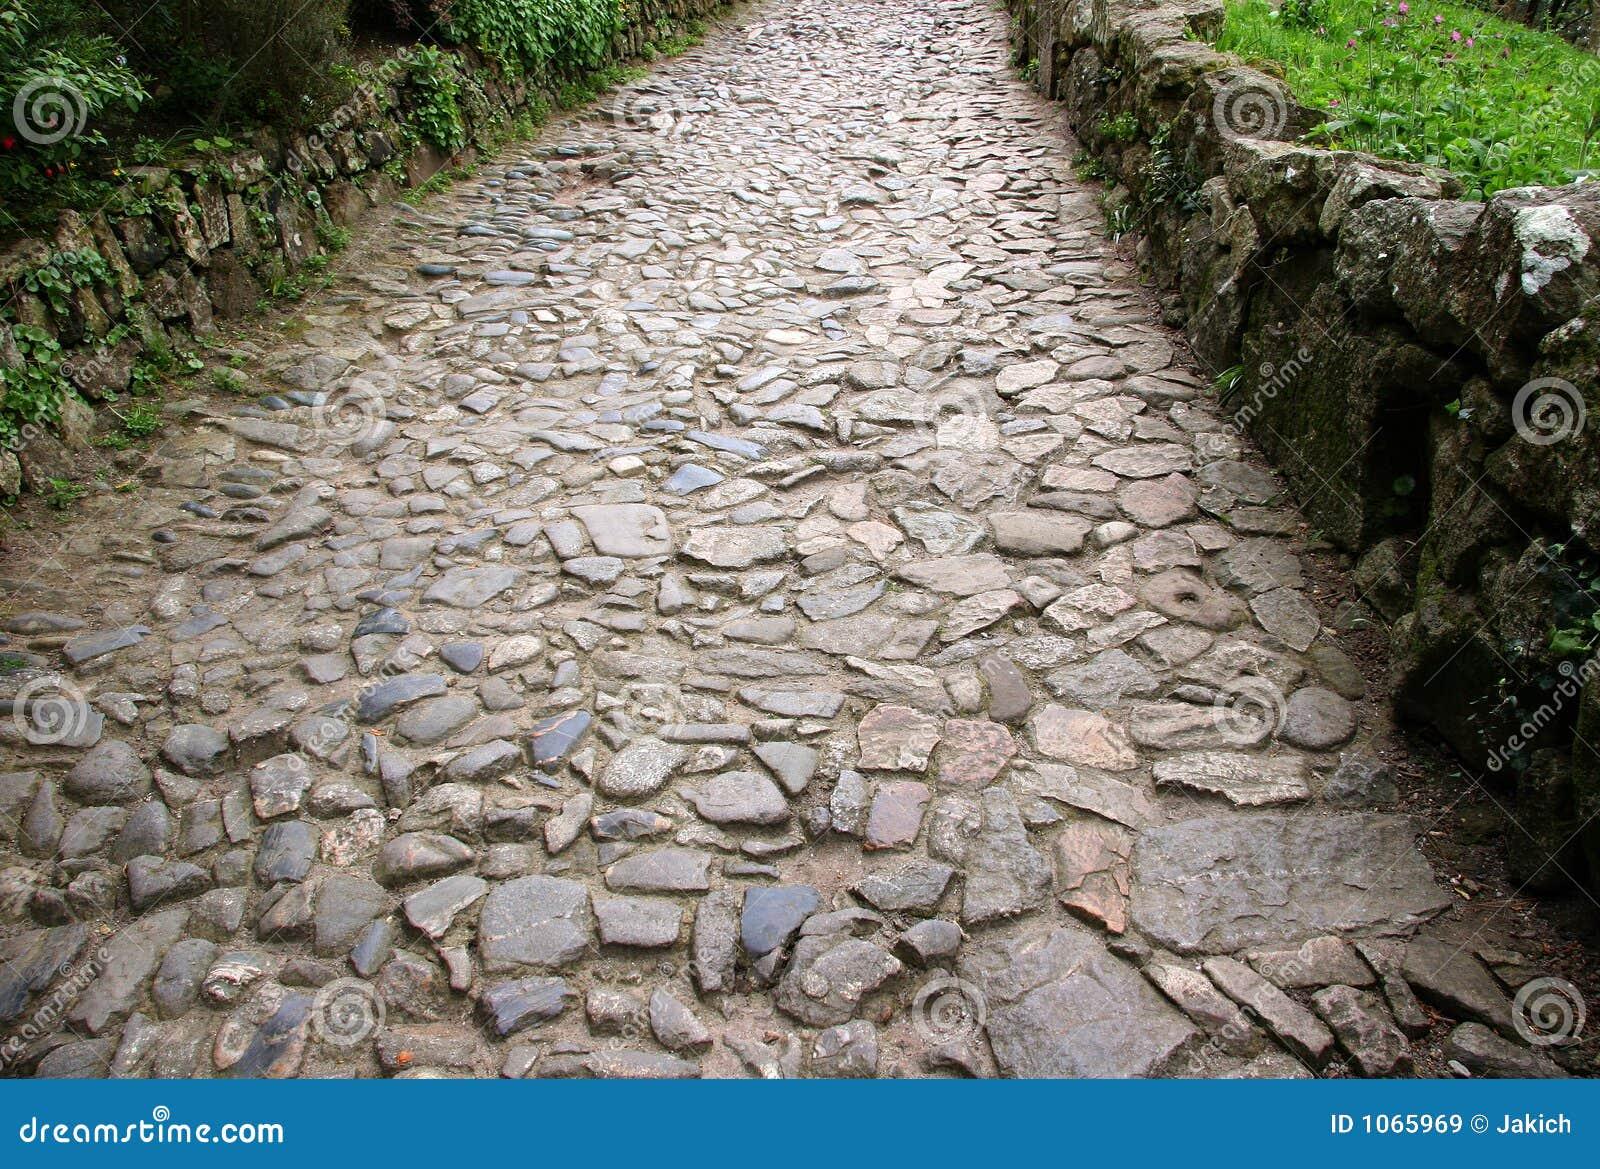 pedra jardim caminho:Stone Pathway